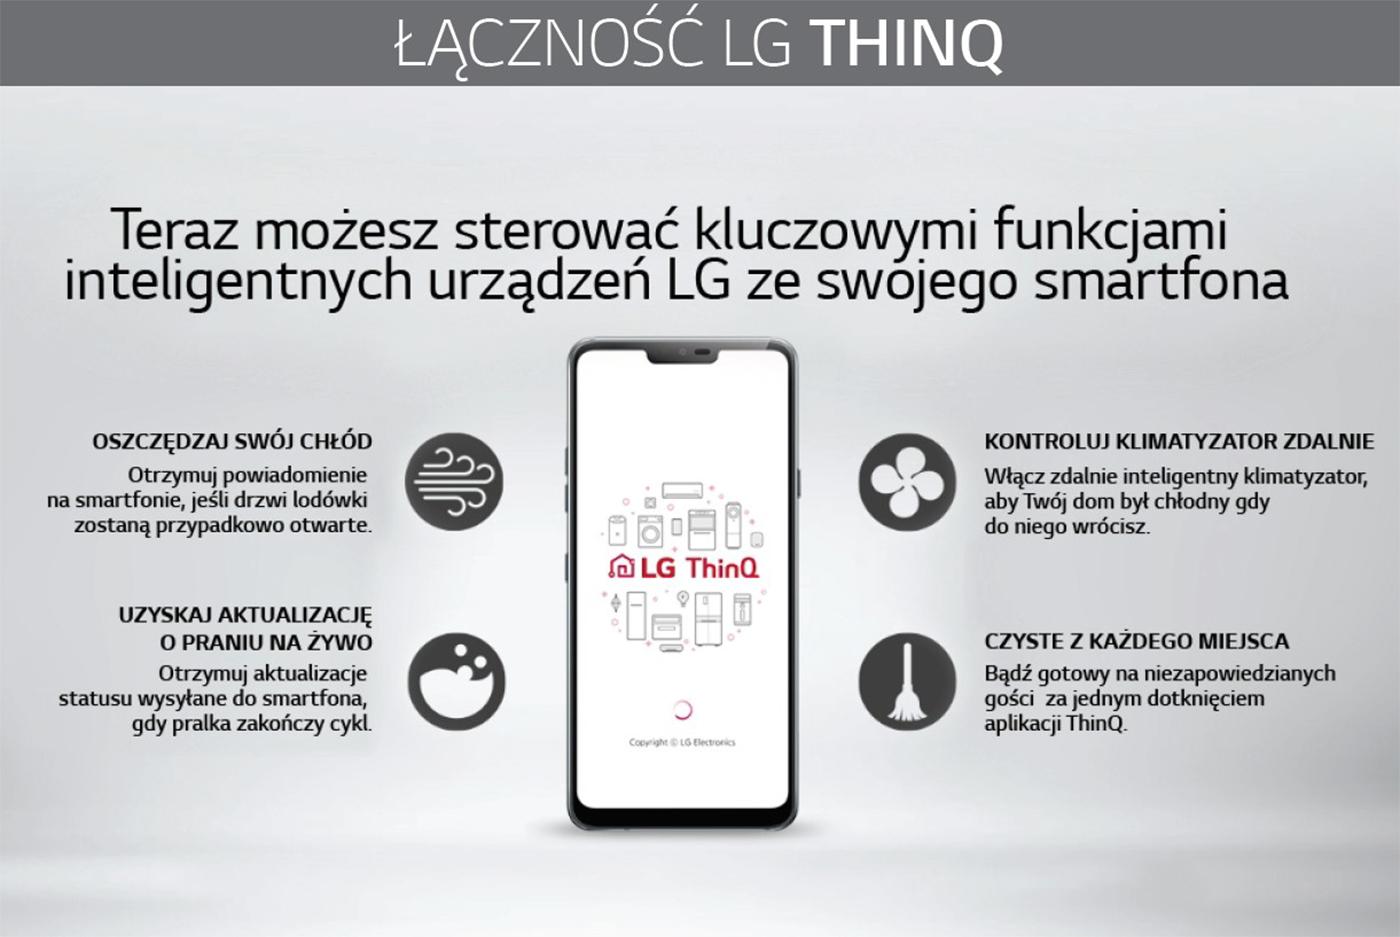 Poznaj funkcje aplikacji LG ThinQ